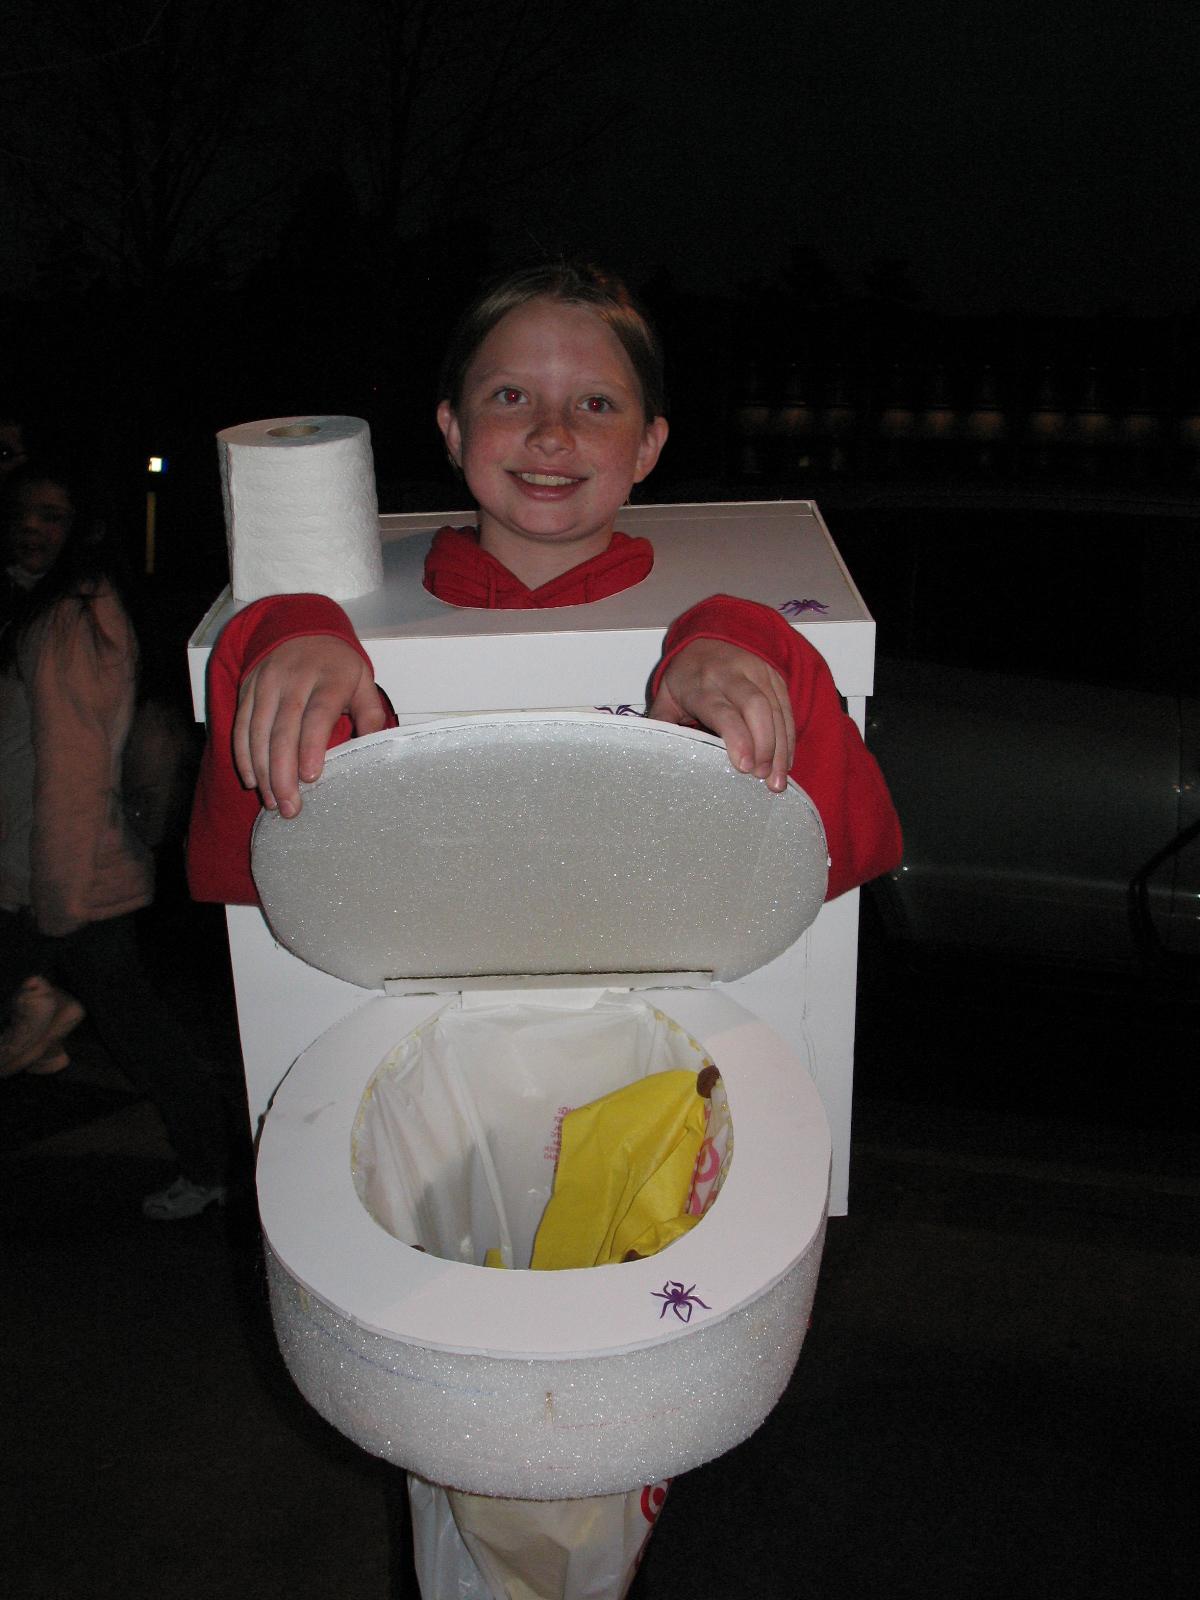 poop costumes for halloween #11